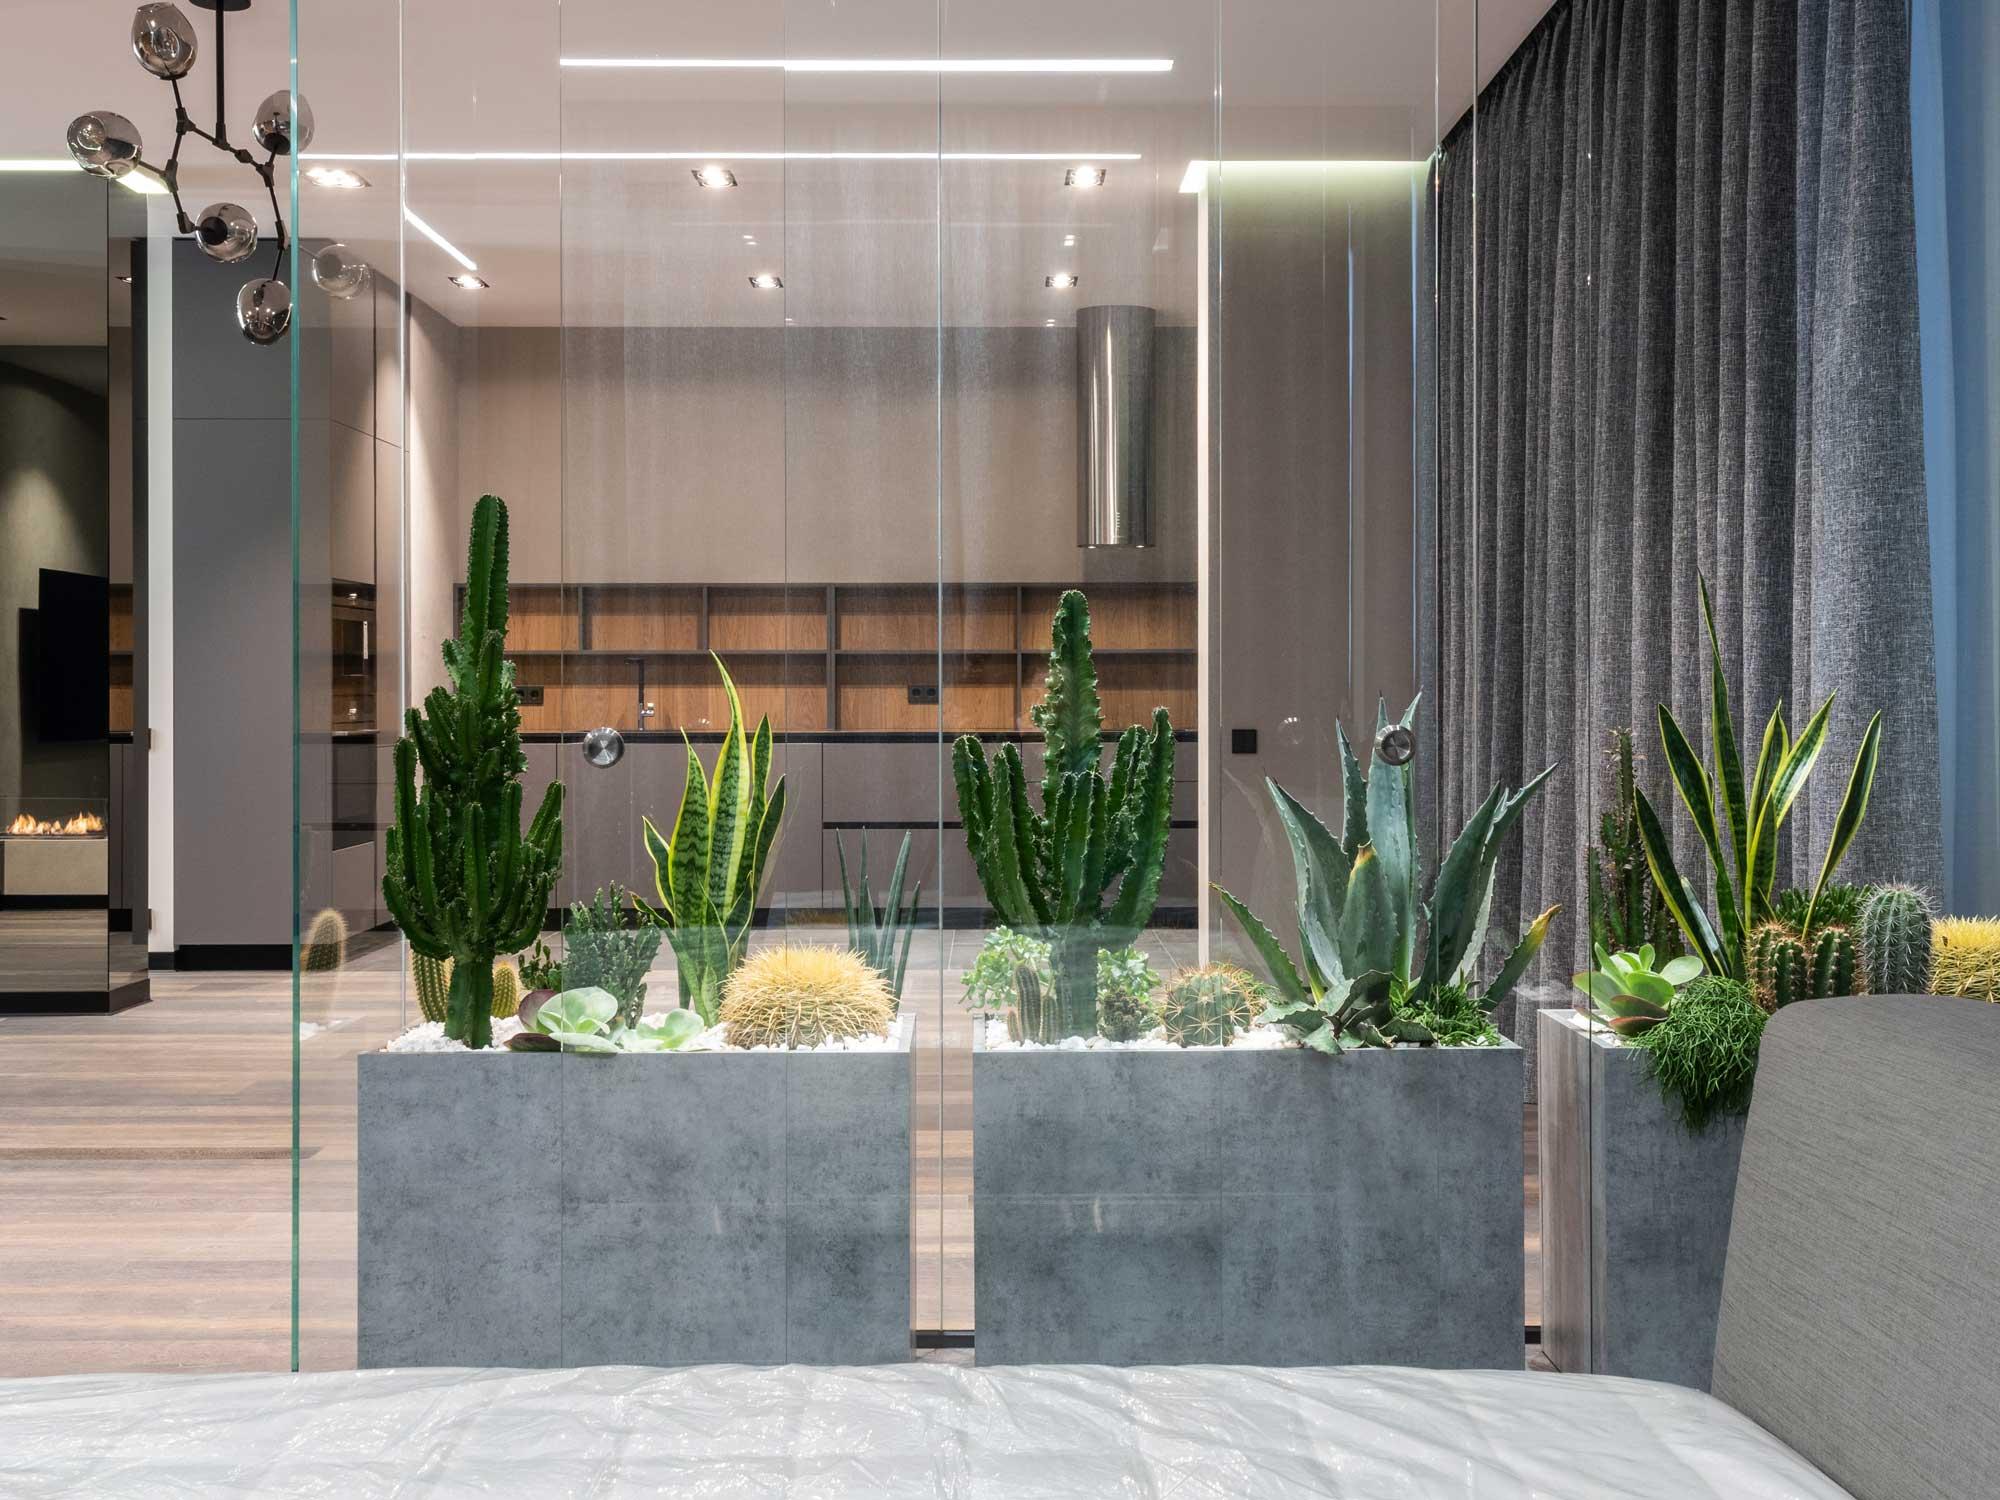 Luxuriöses_Design_exklusive_Farben_Materialien_Vorhänge_Natürliche_Materialien_Kakteen_stein